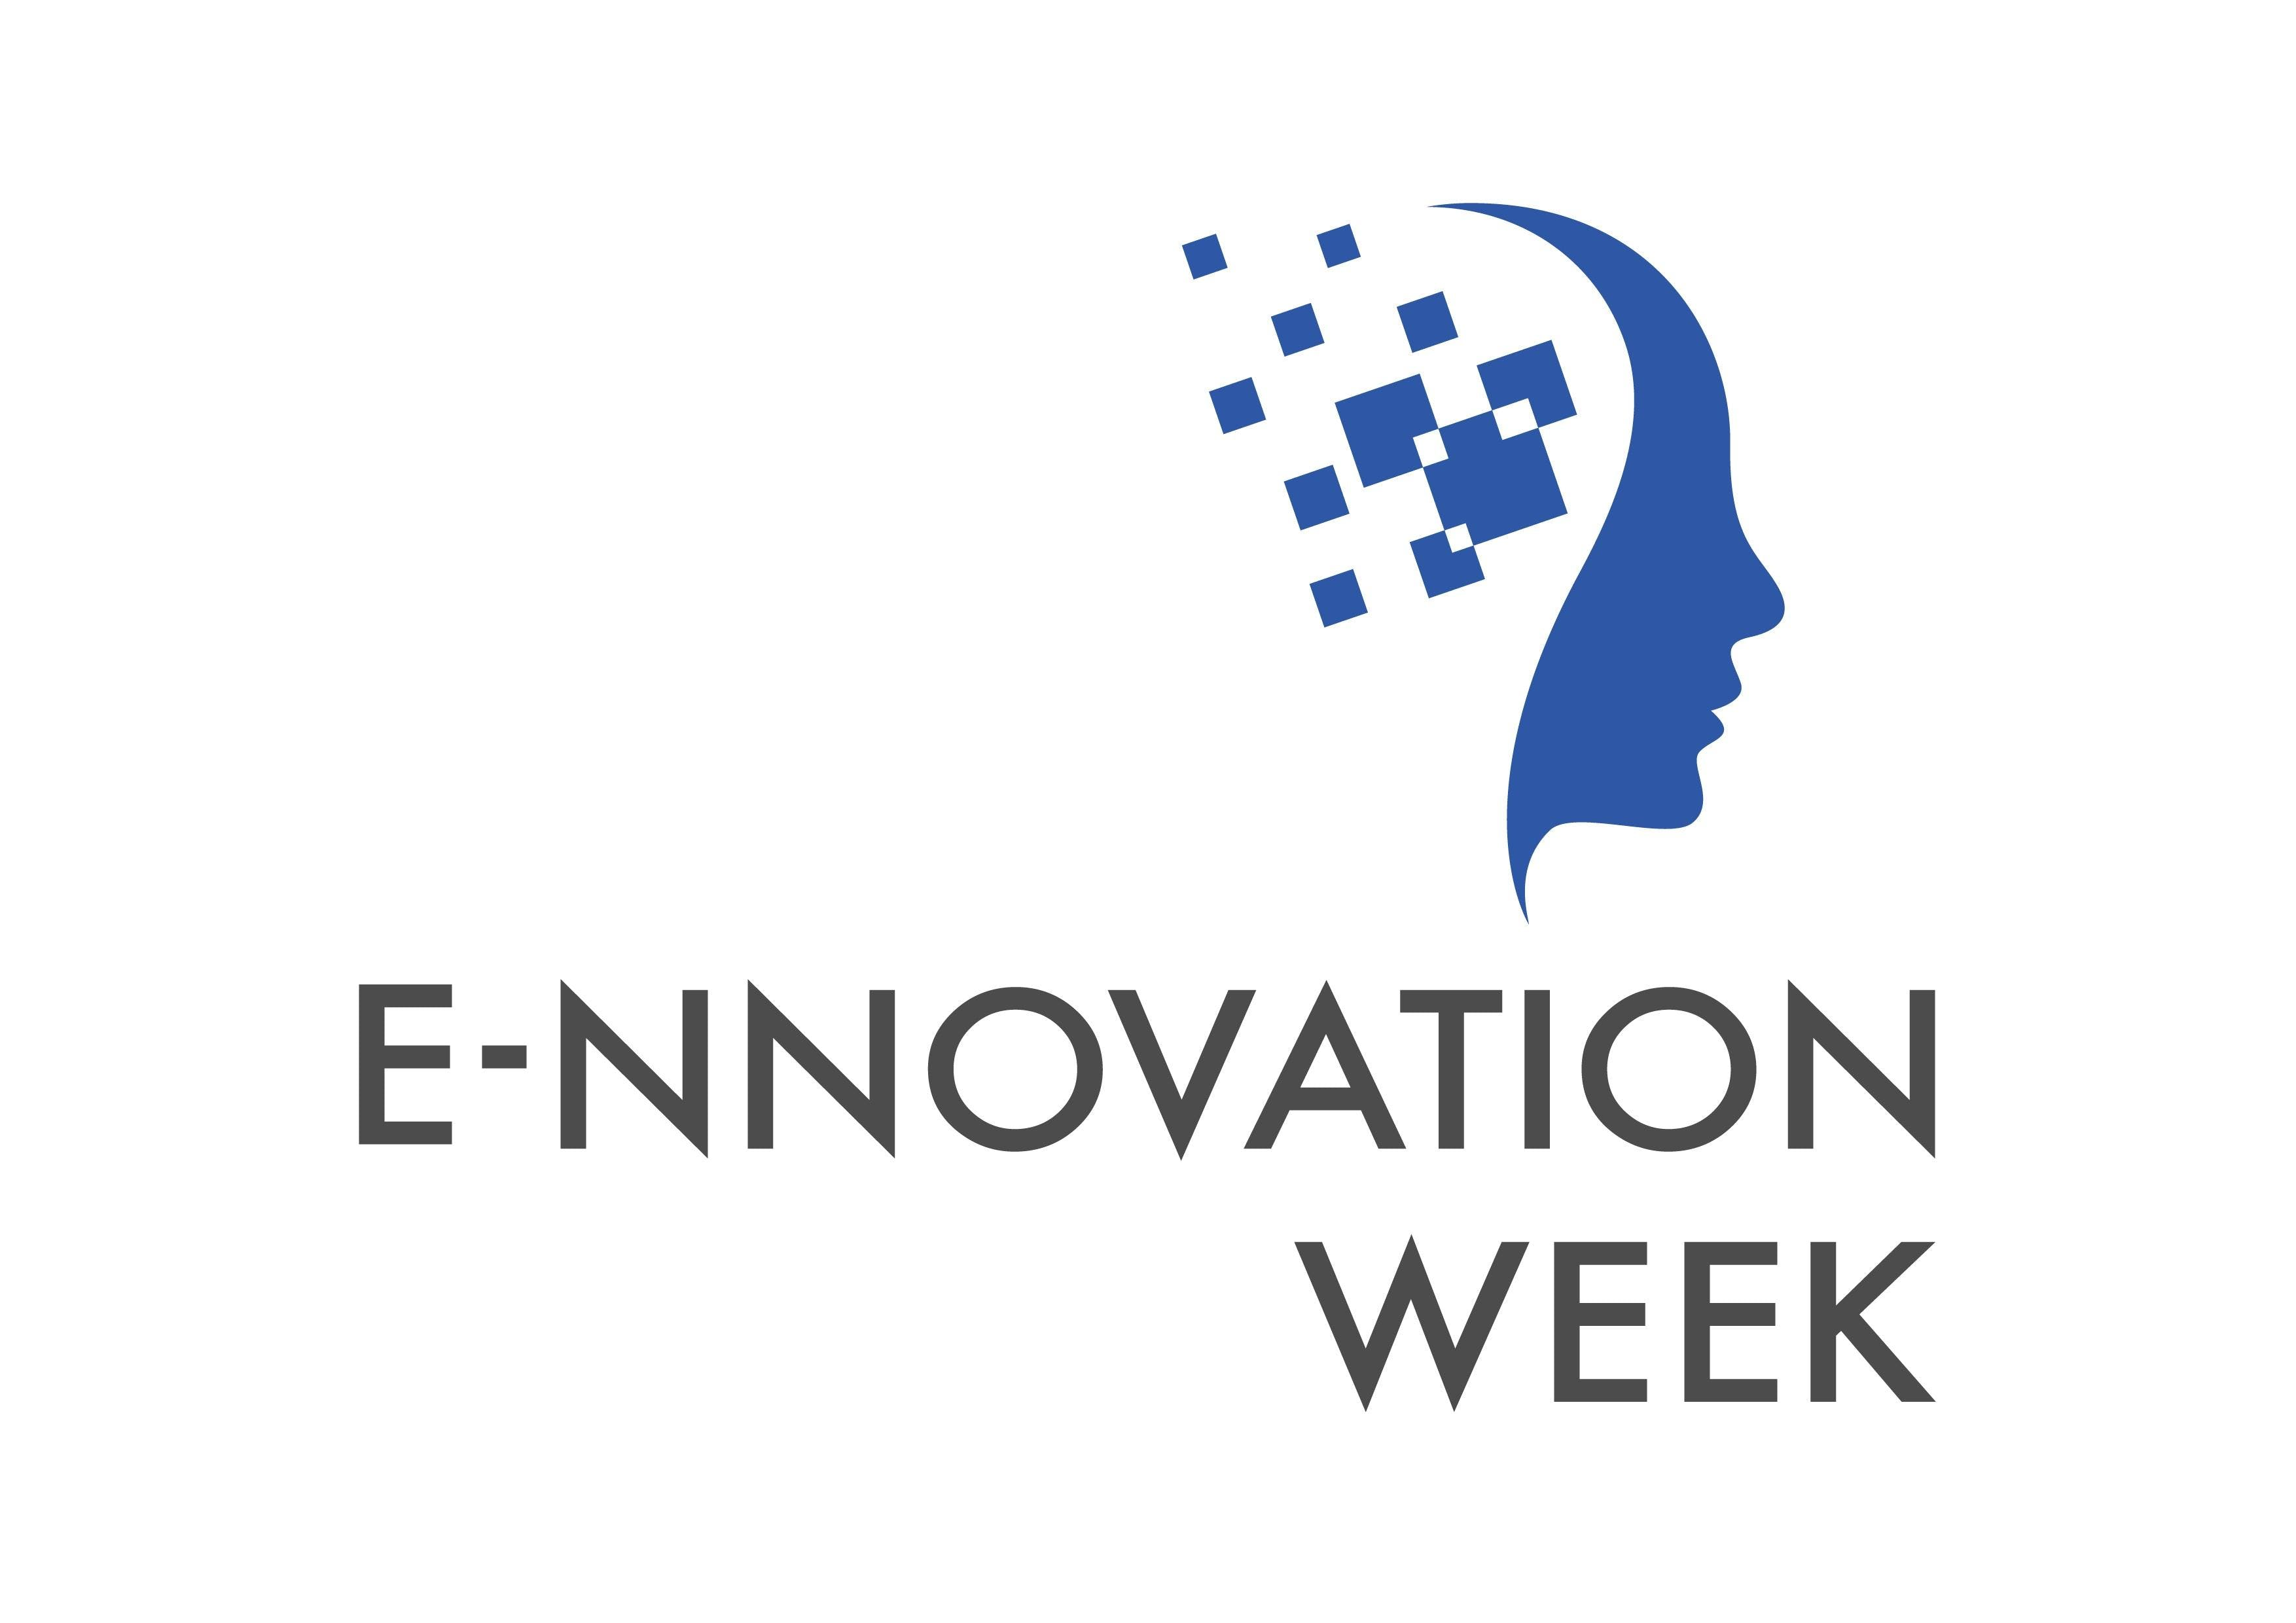 e-nnovation week 2018